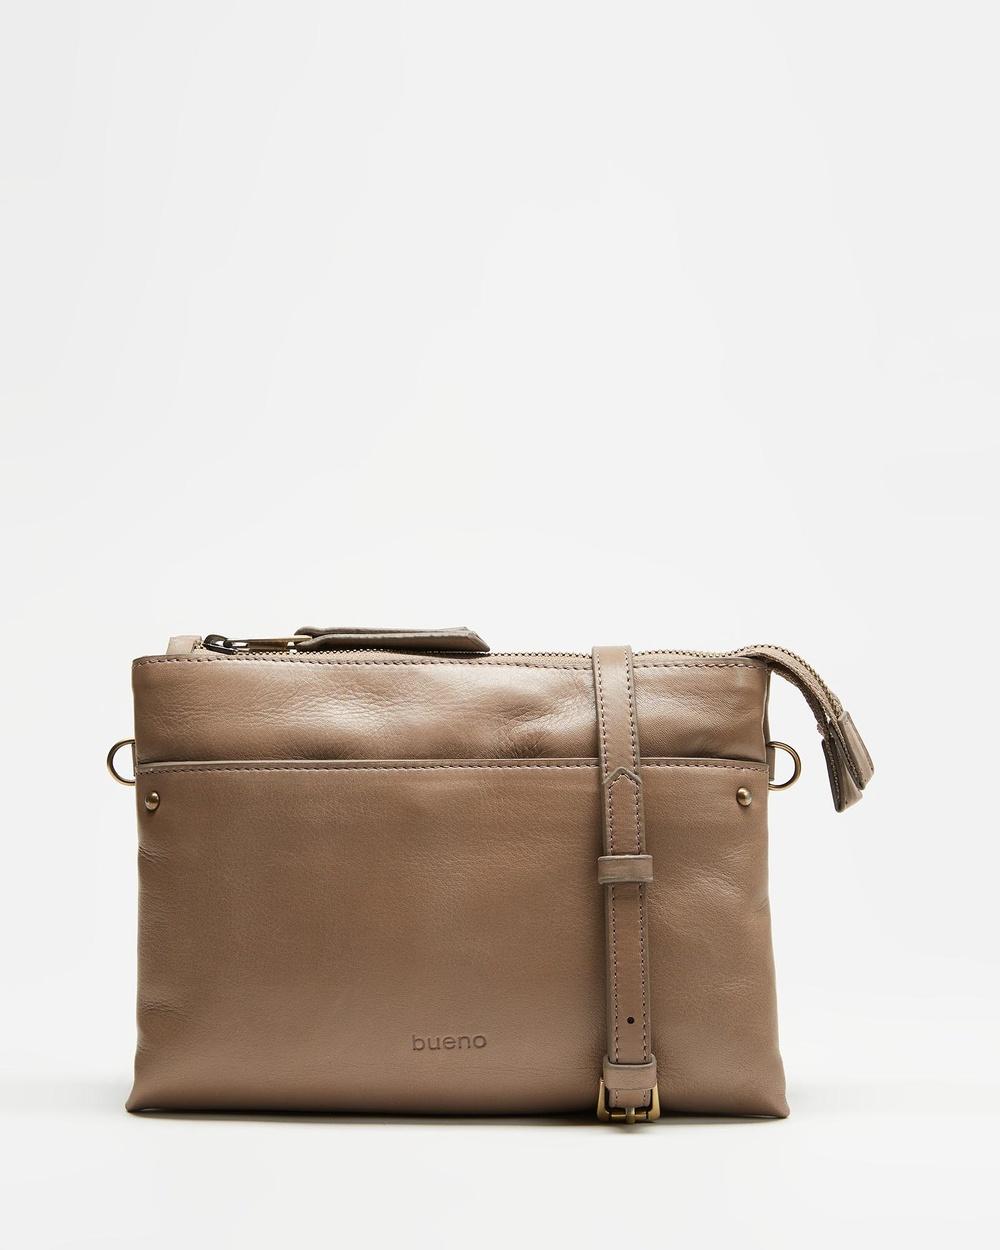 Bueno Daniella Handbags Darkstone Australia